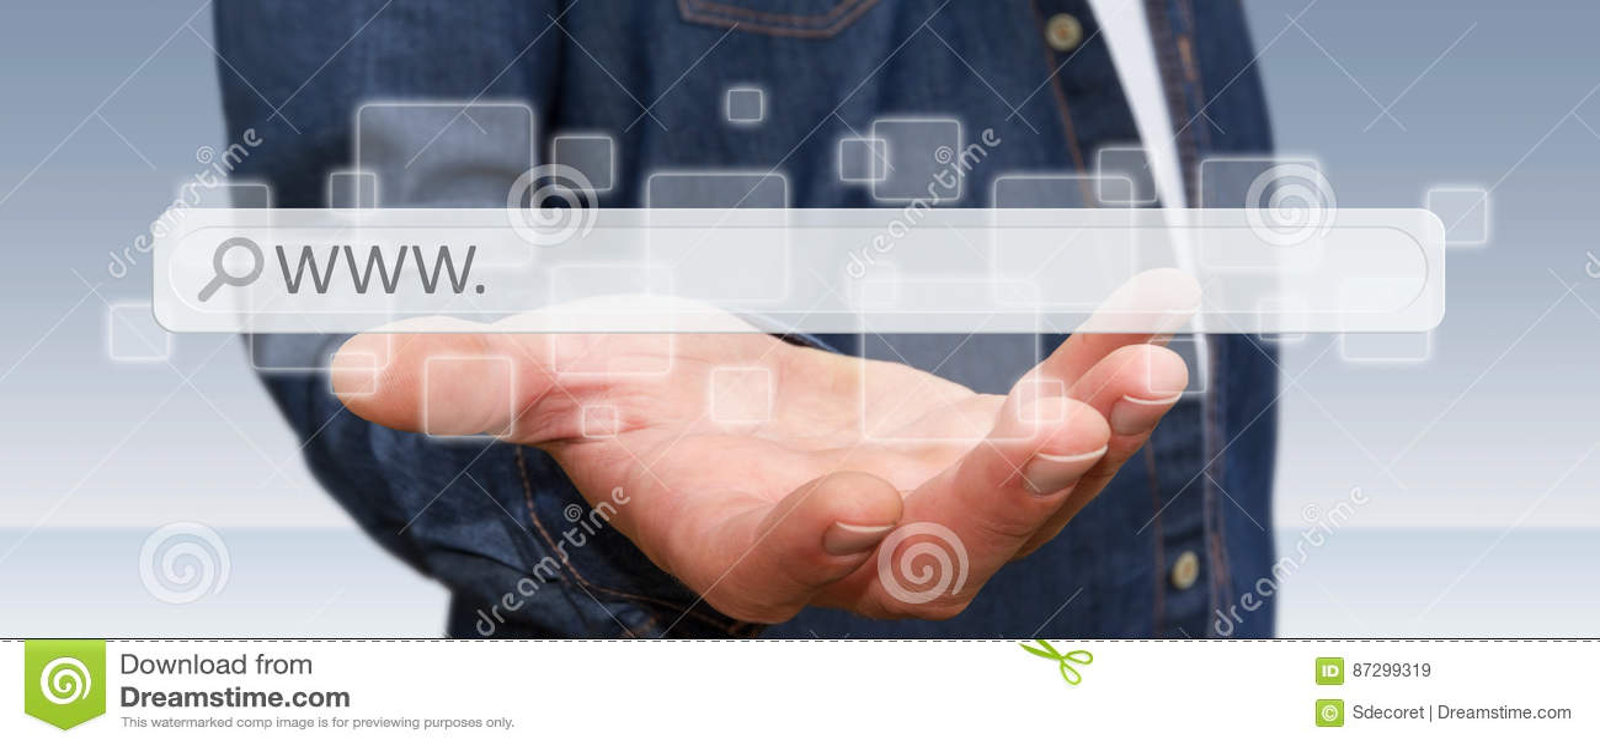 Homem que surfa no Internet com a barra tátil digital do endereço da Web